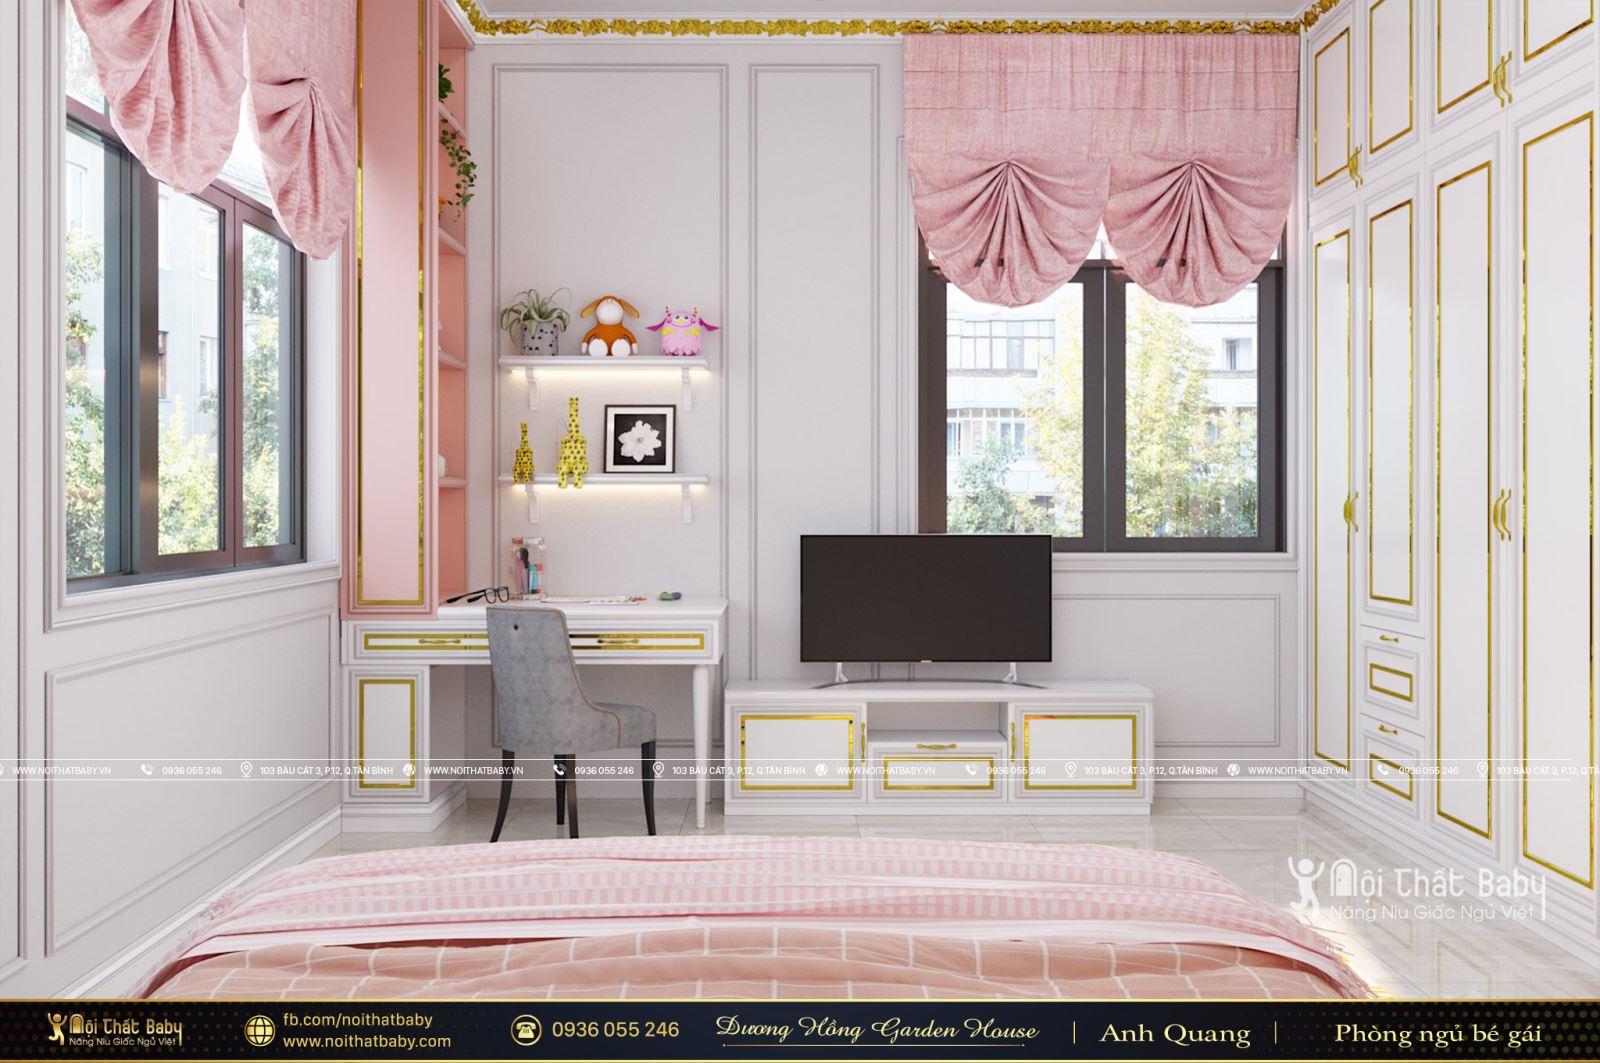 Thiết kế phòng ngủ bé gái màu hồng tại khu dân cư Dương Hồng Garden House